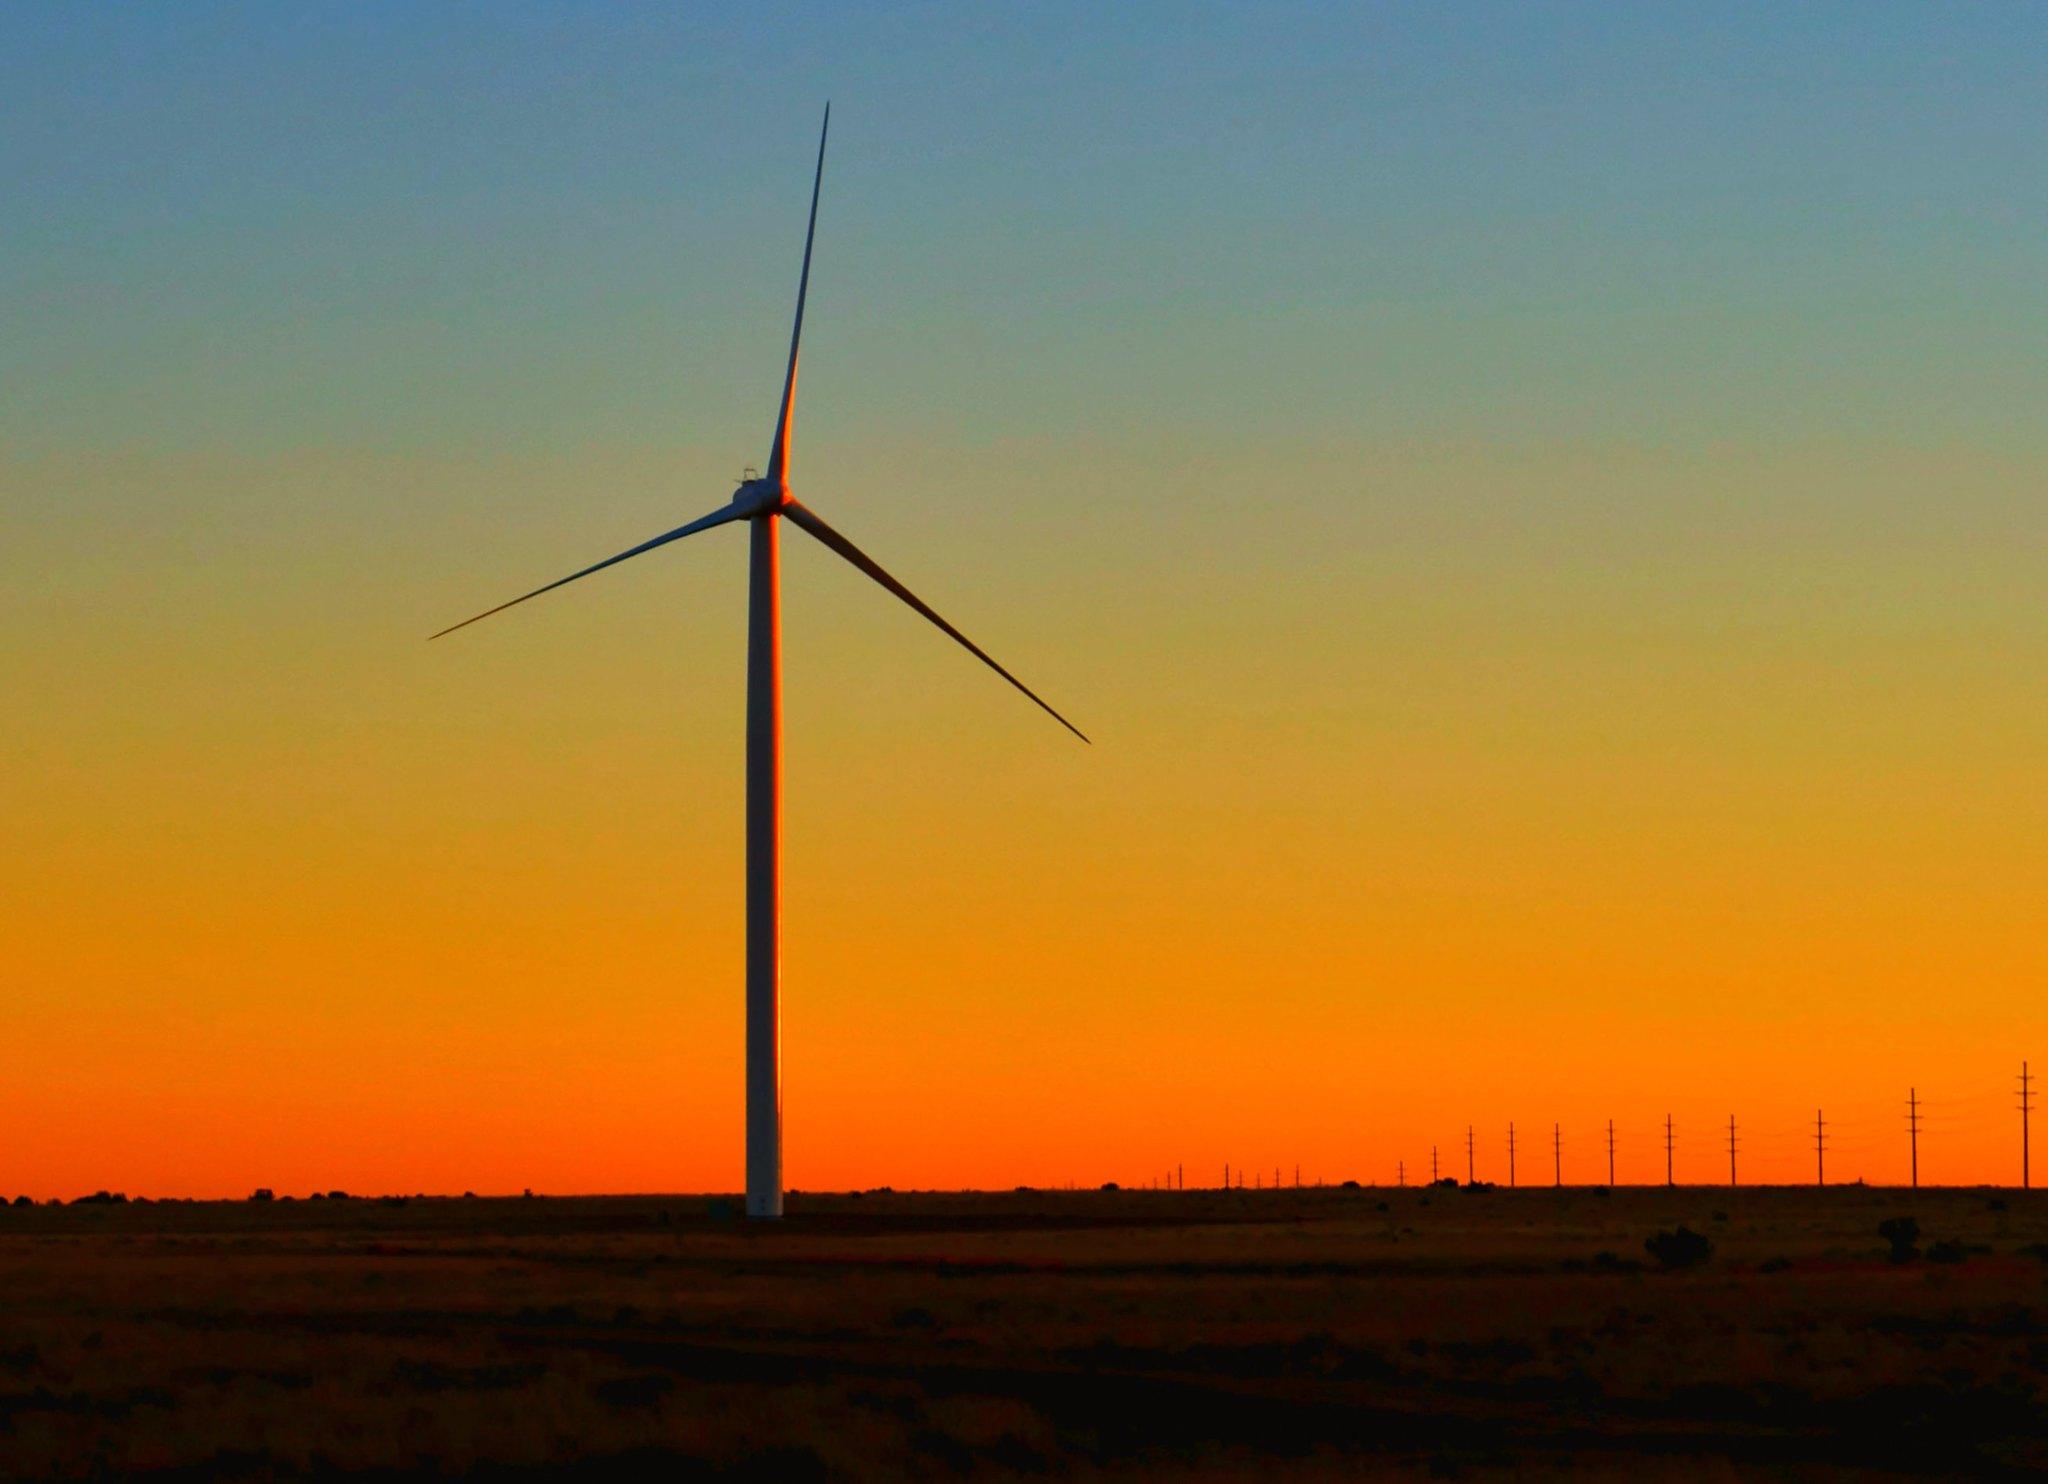 Google veut investir 2 milliards de dollars dans l'énergie renouvelable